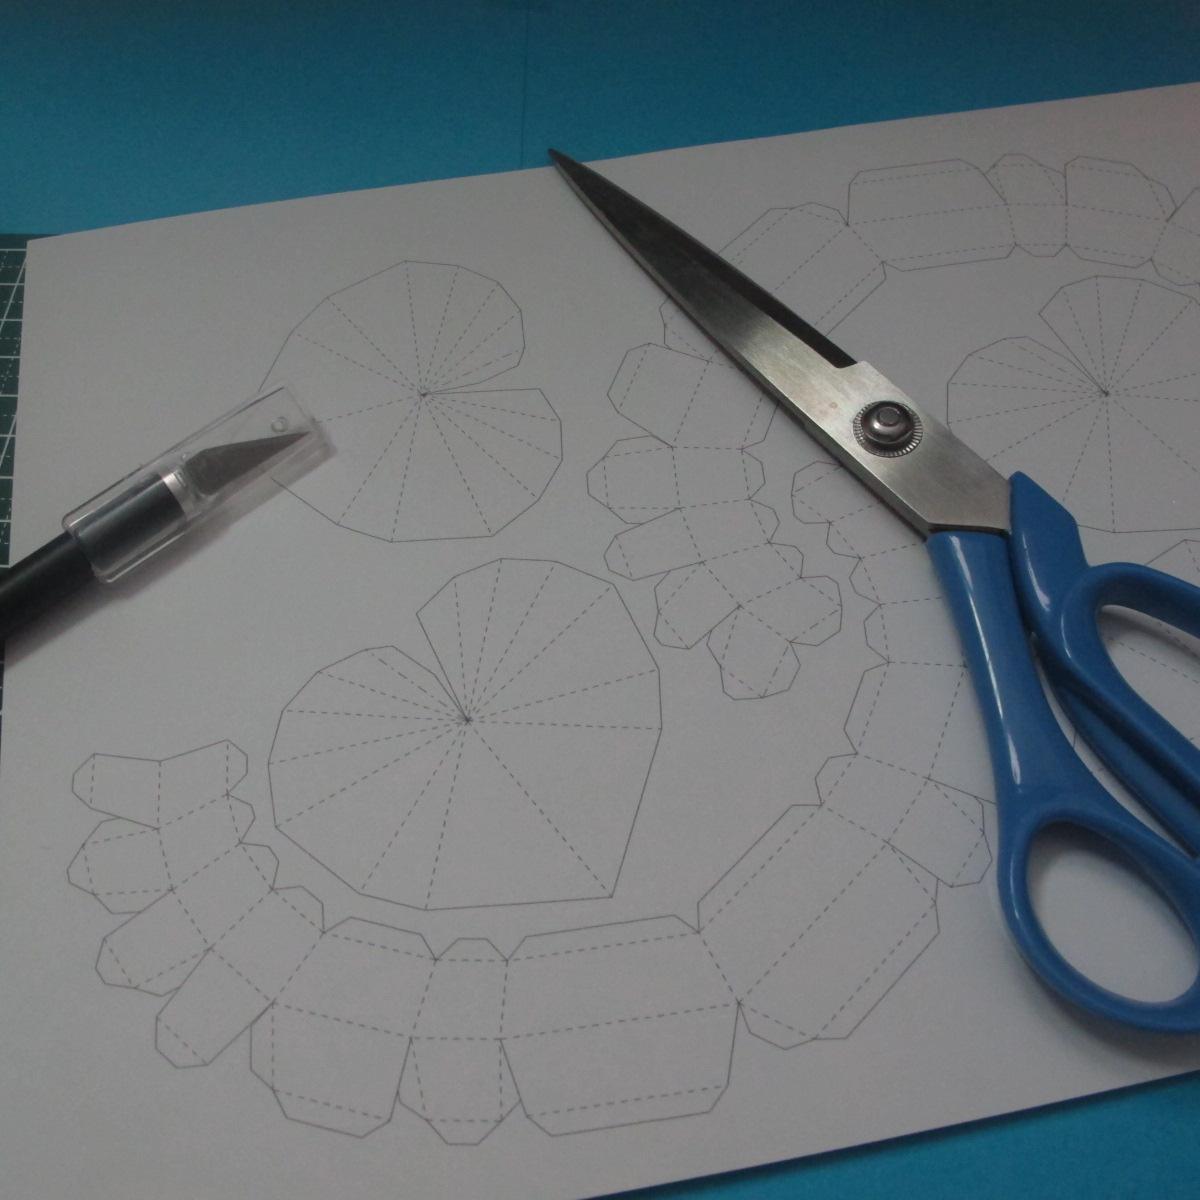 วิธีทำของเล่นโมเดลกระดาษรูปหัวใจ 001